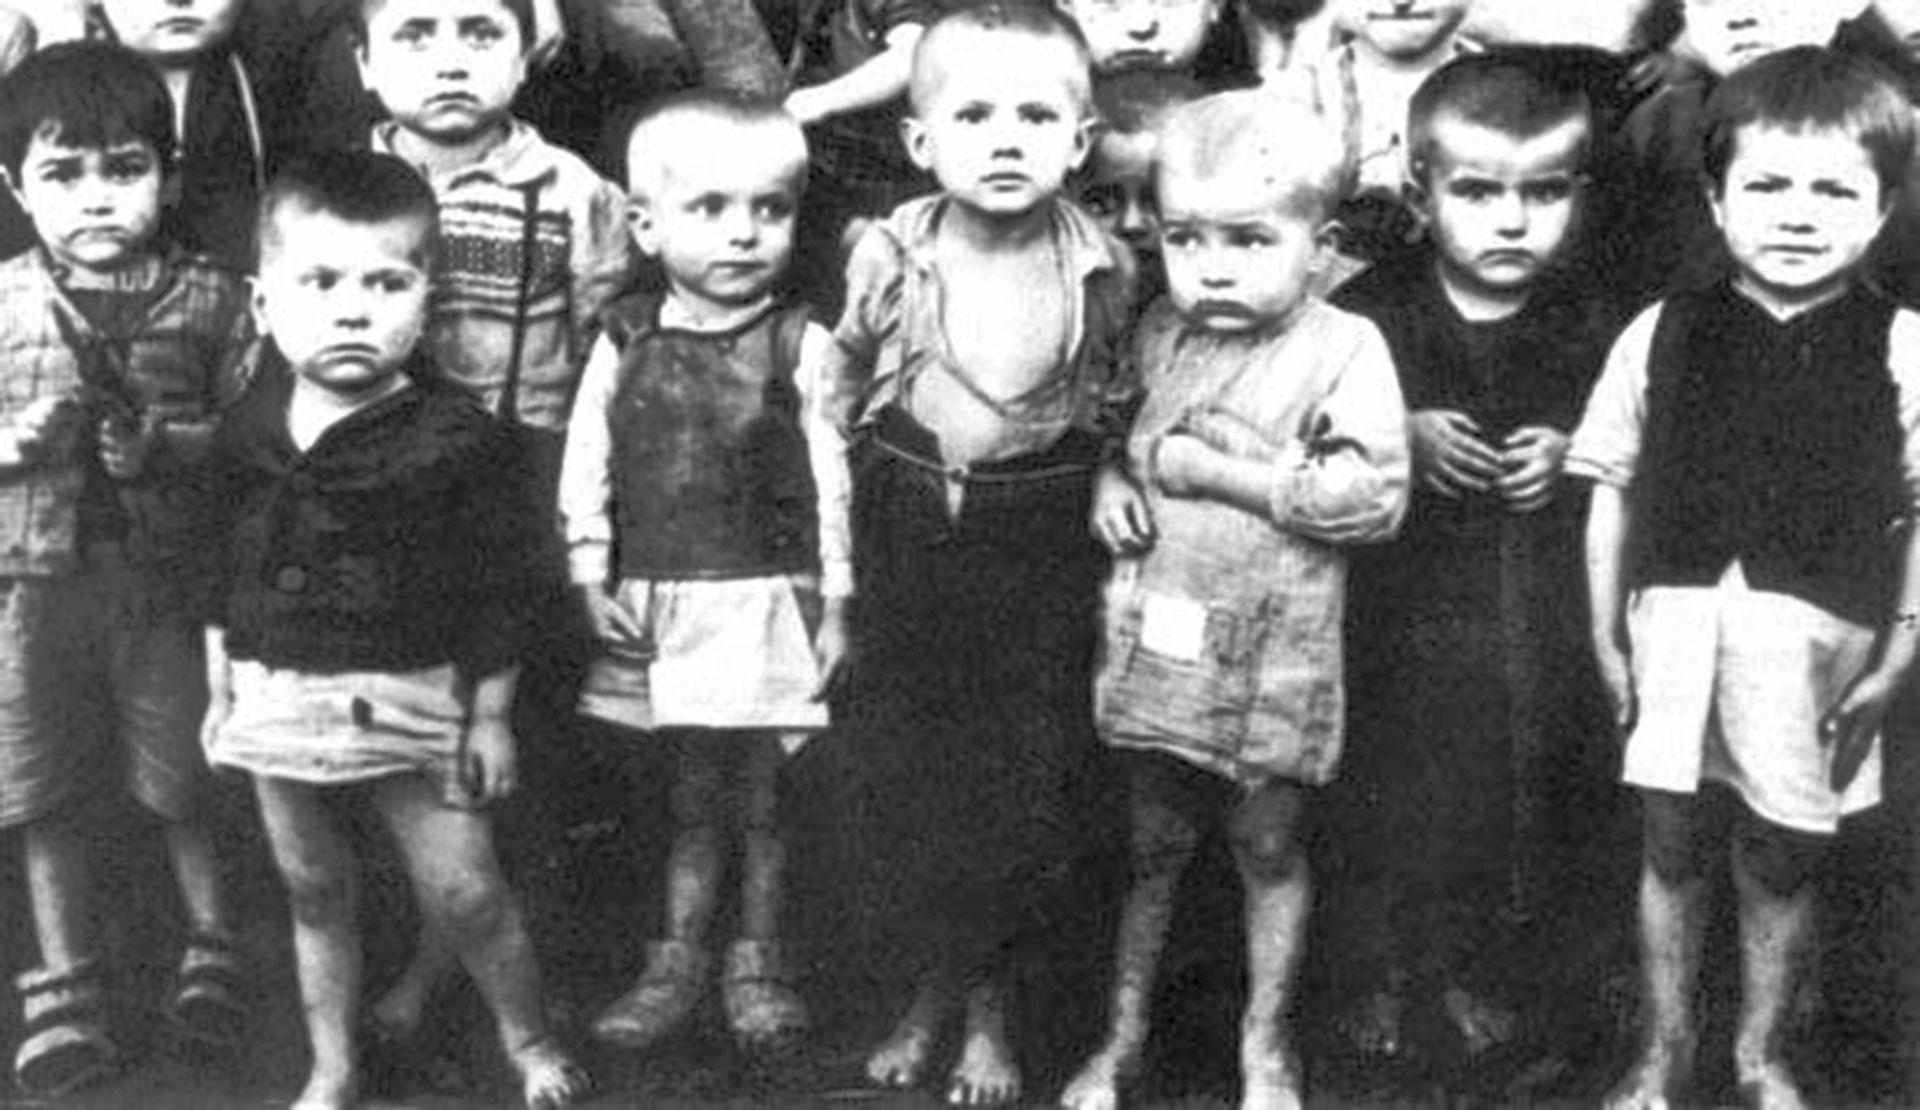 Српчићи узраста до 4 године у хрватском логору Јасеновац